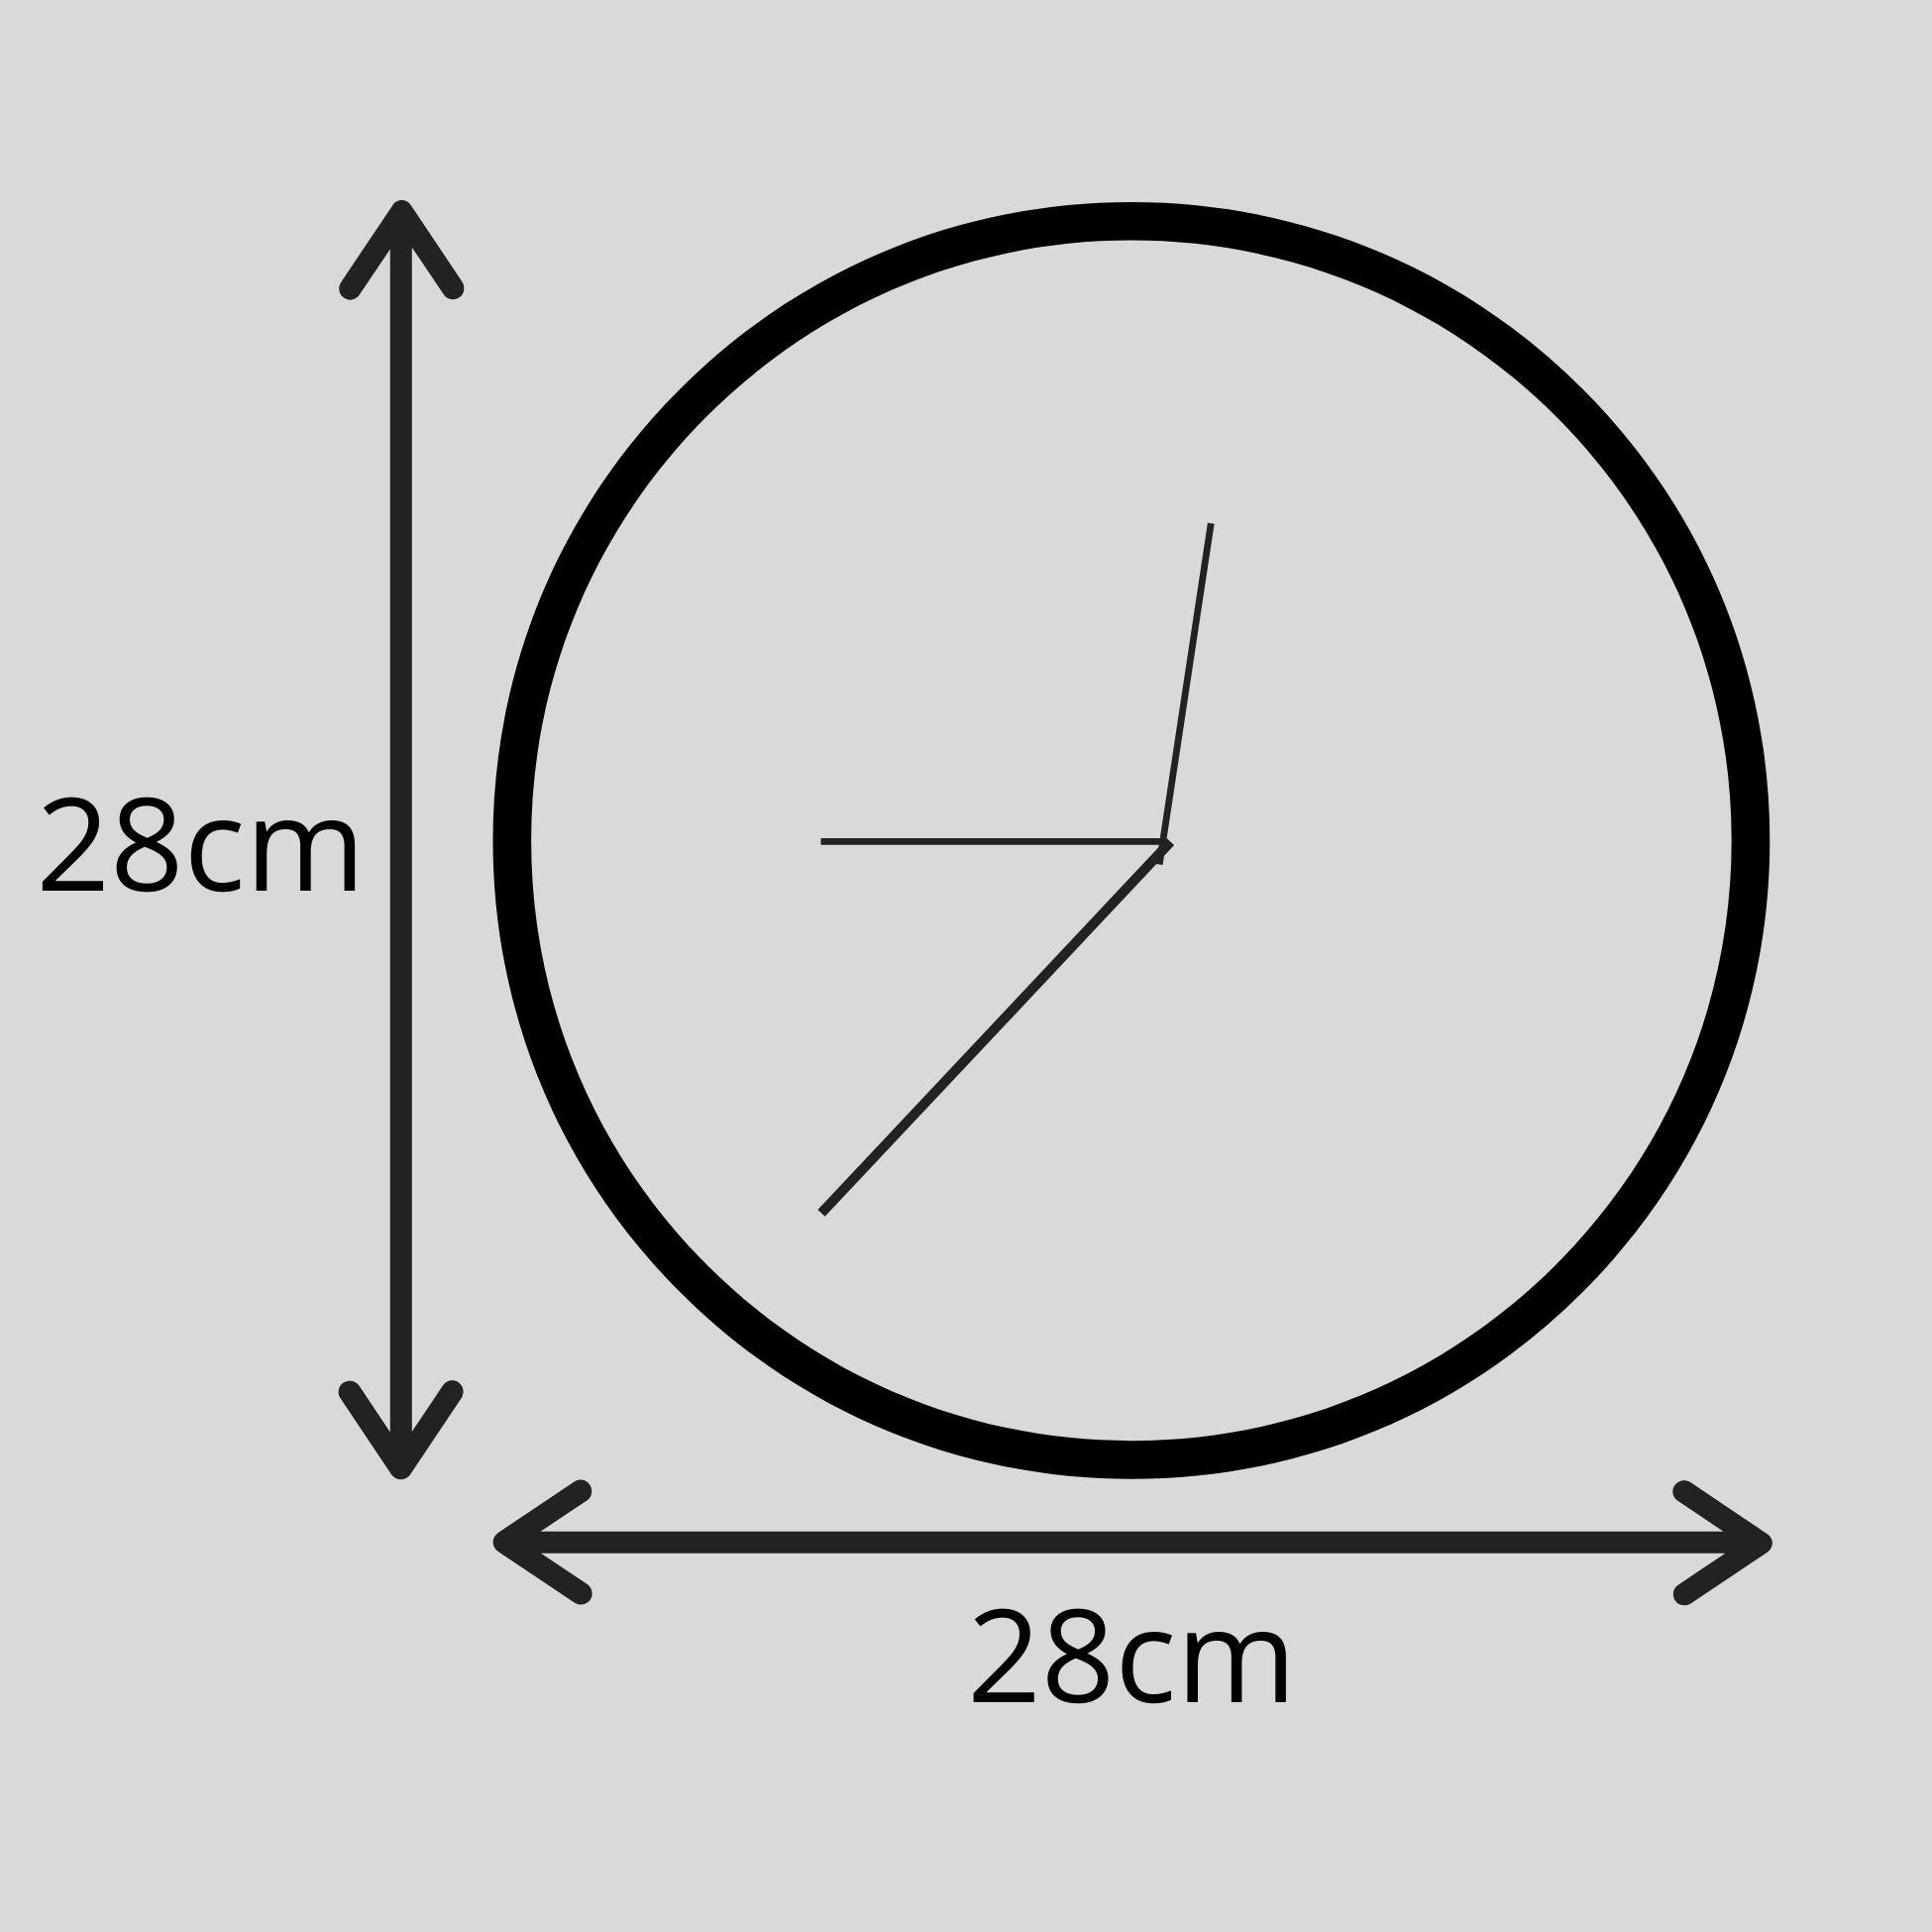 Relógio de Parede Minimalista em Madeira na Cor Imbuia 28cm